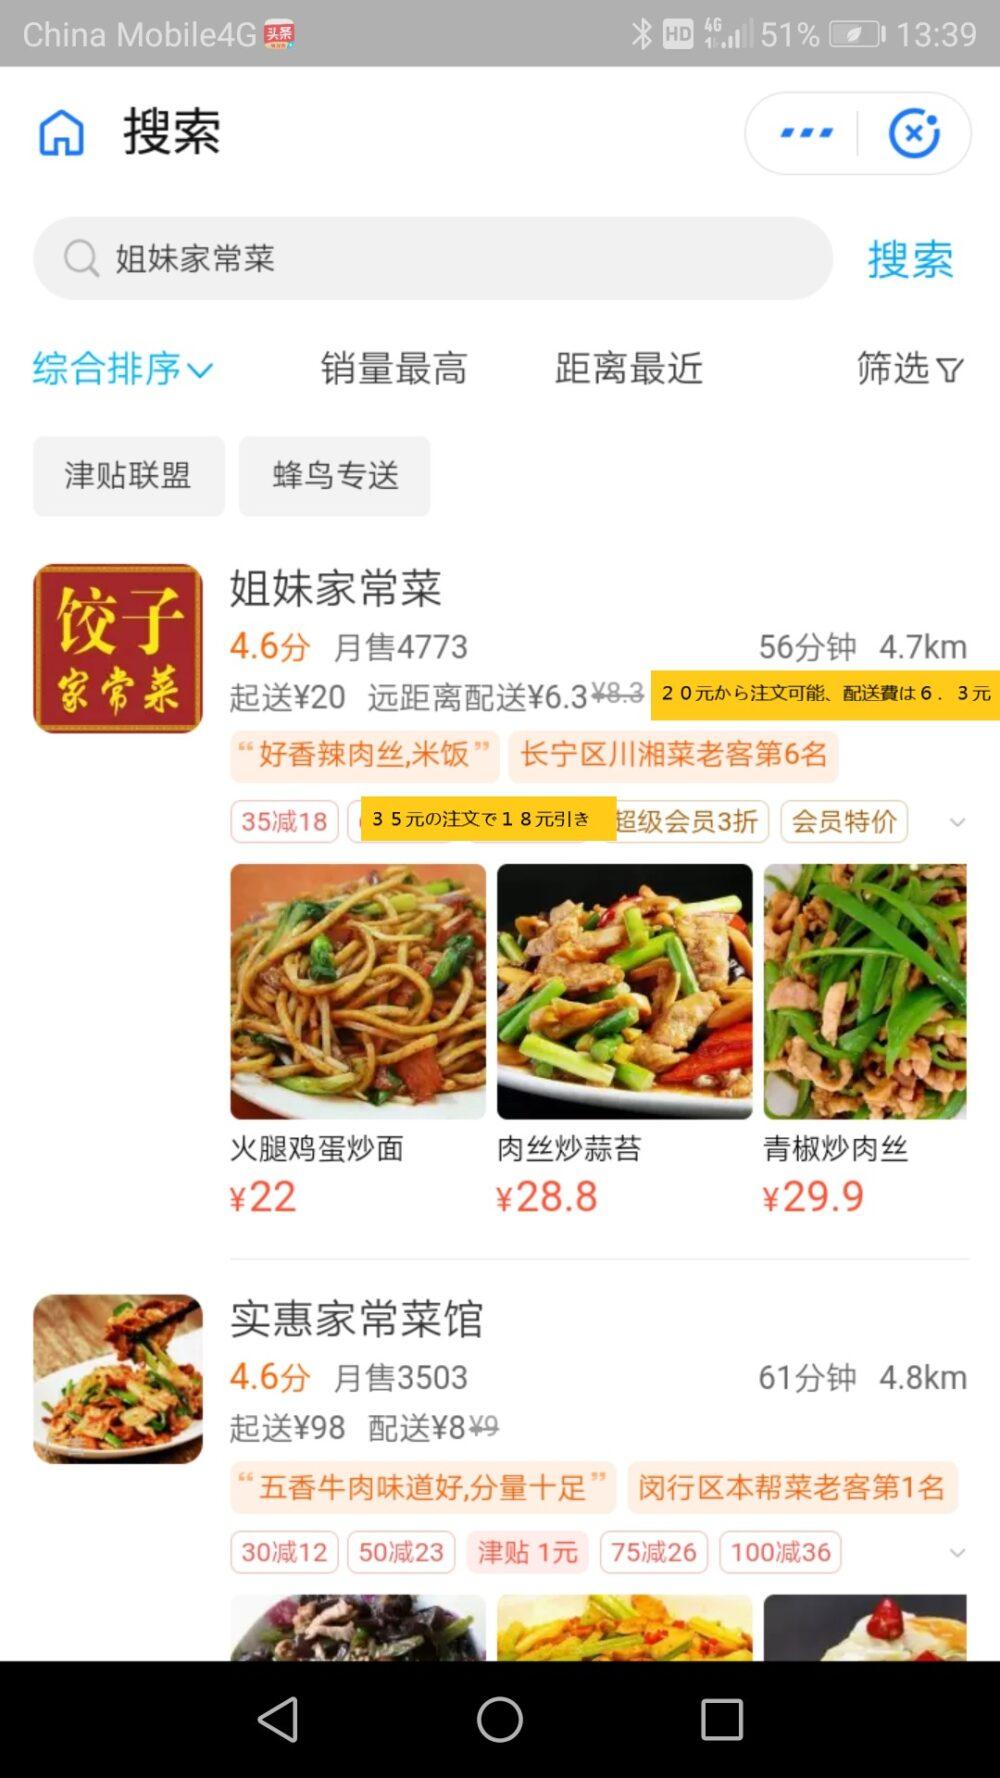 フードデリバリーアプリ饿了么を利用して姐妹家常菜で注文している画面のスクリーンショットした画像